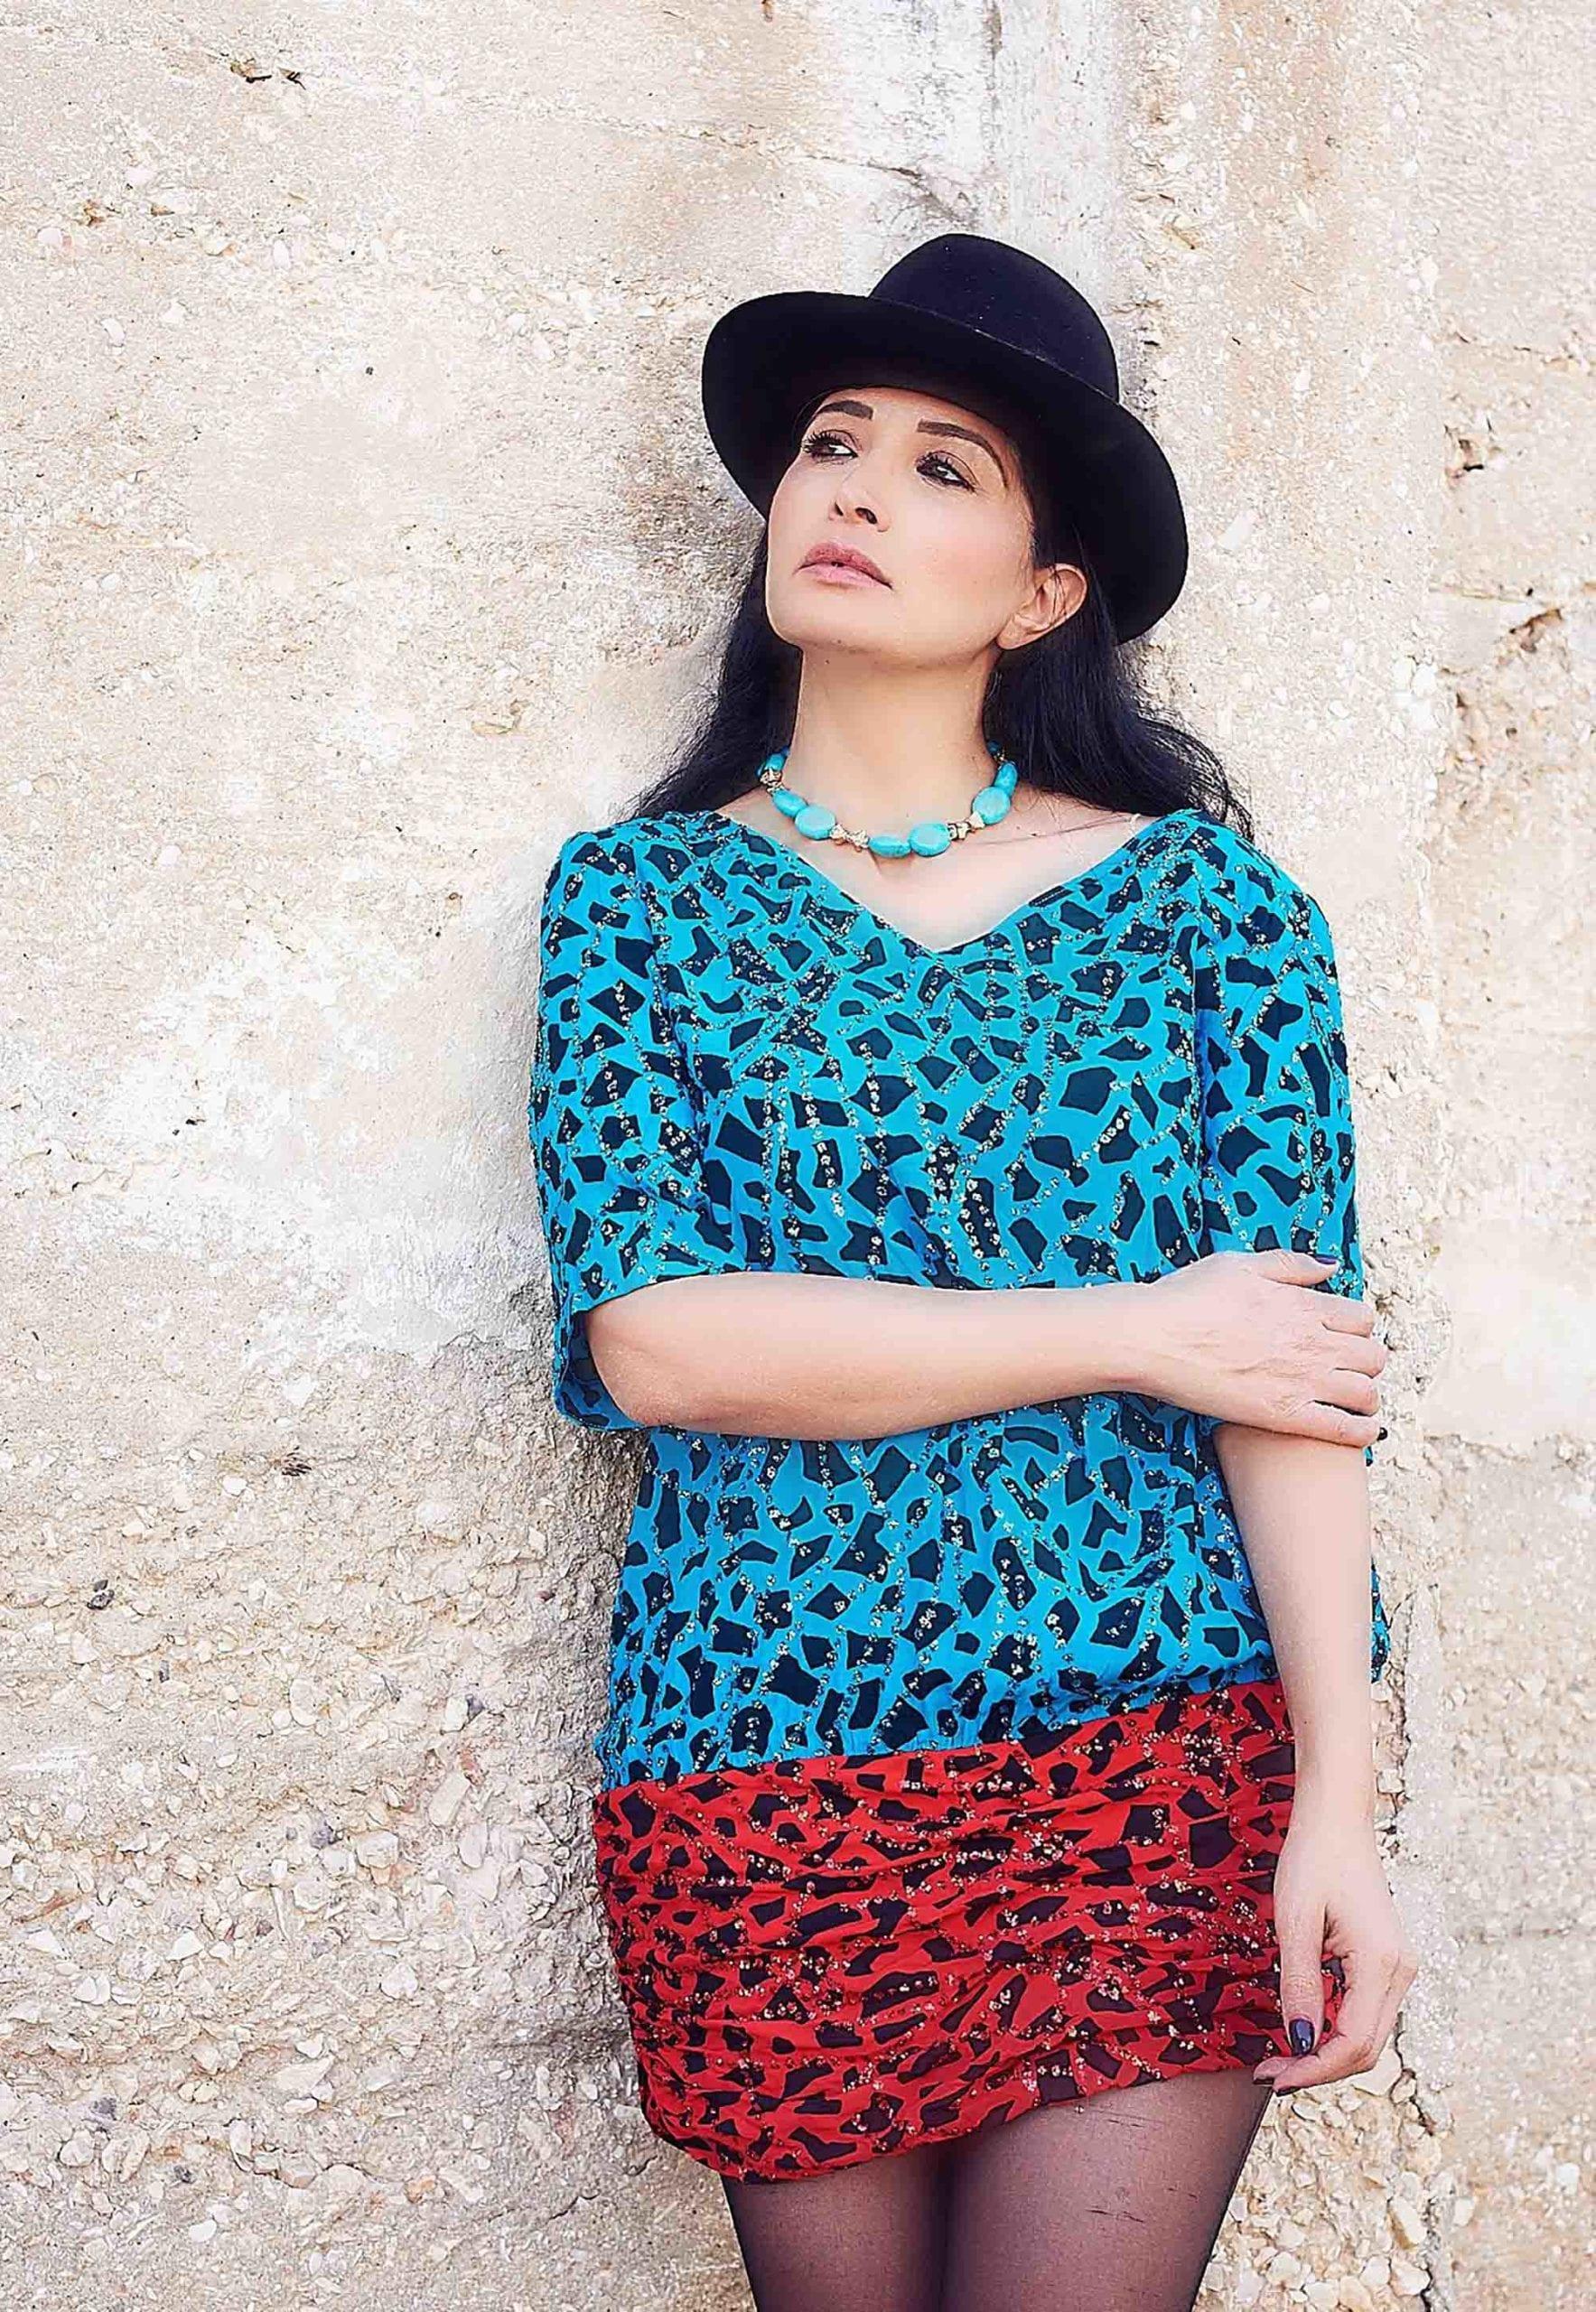 שמלה שנות ה- 80 לובשת וינטג מחיר 250 שח צילום kim kandler, מגזין אופנה